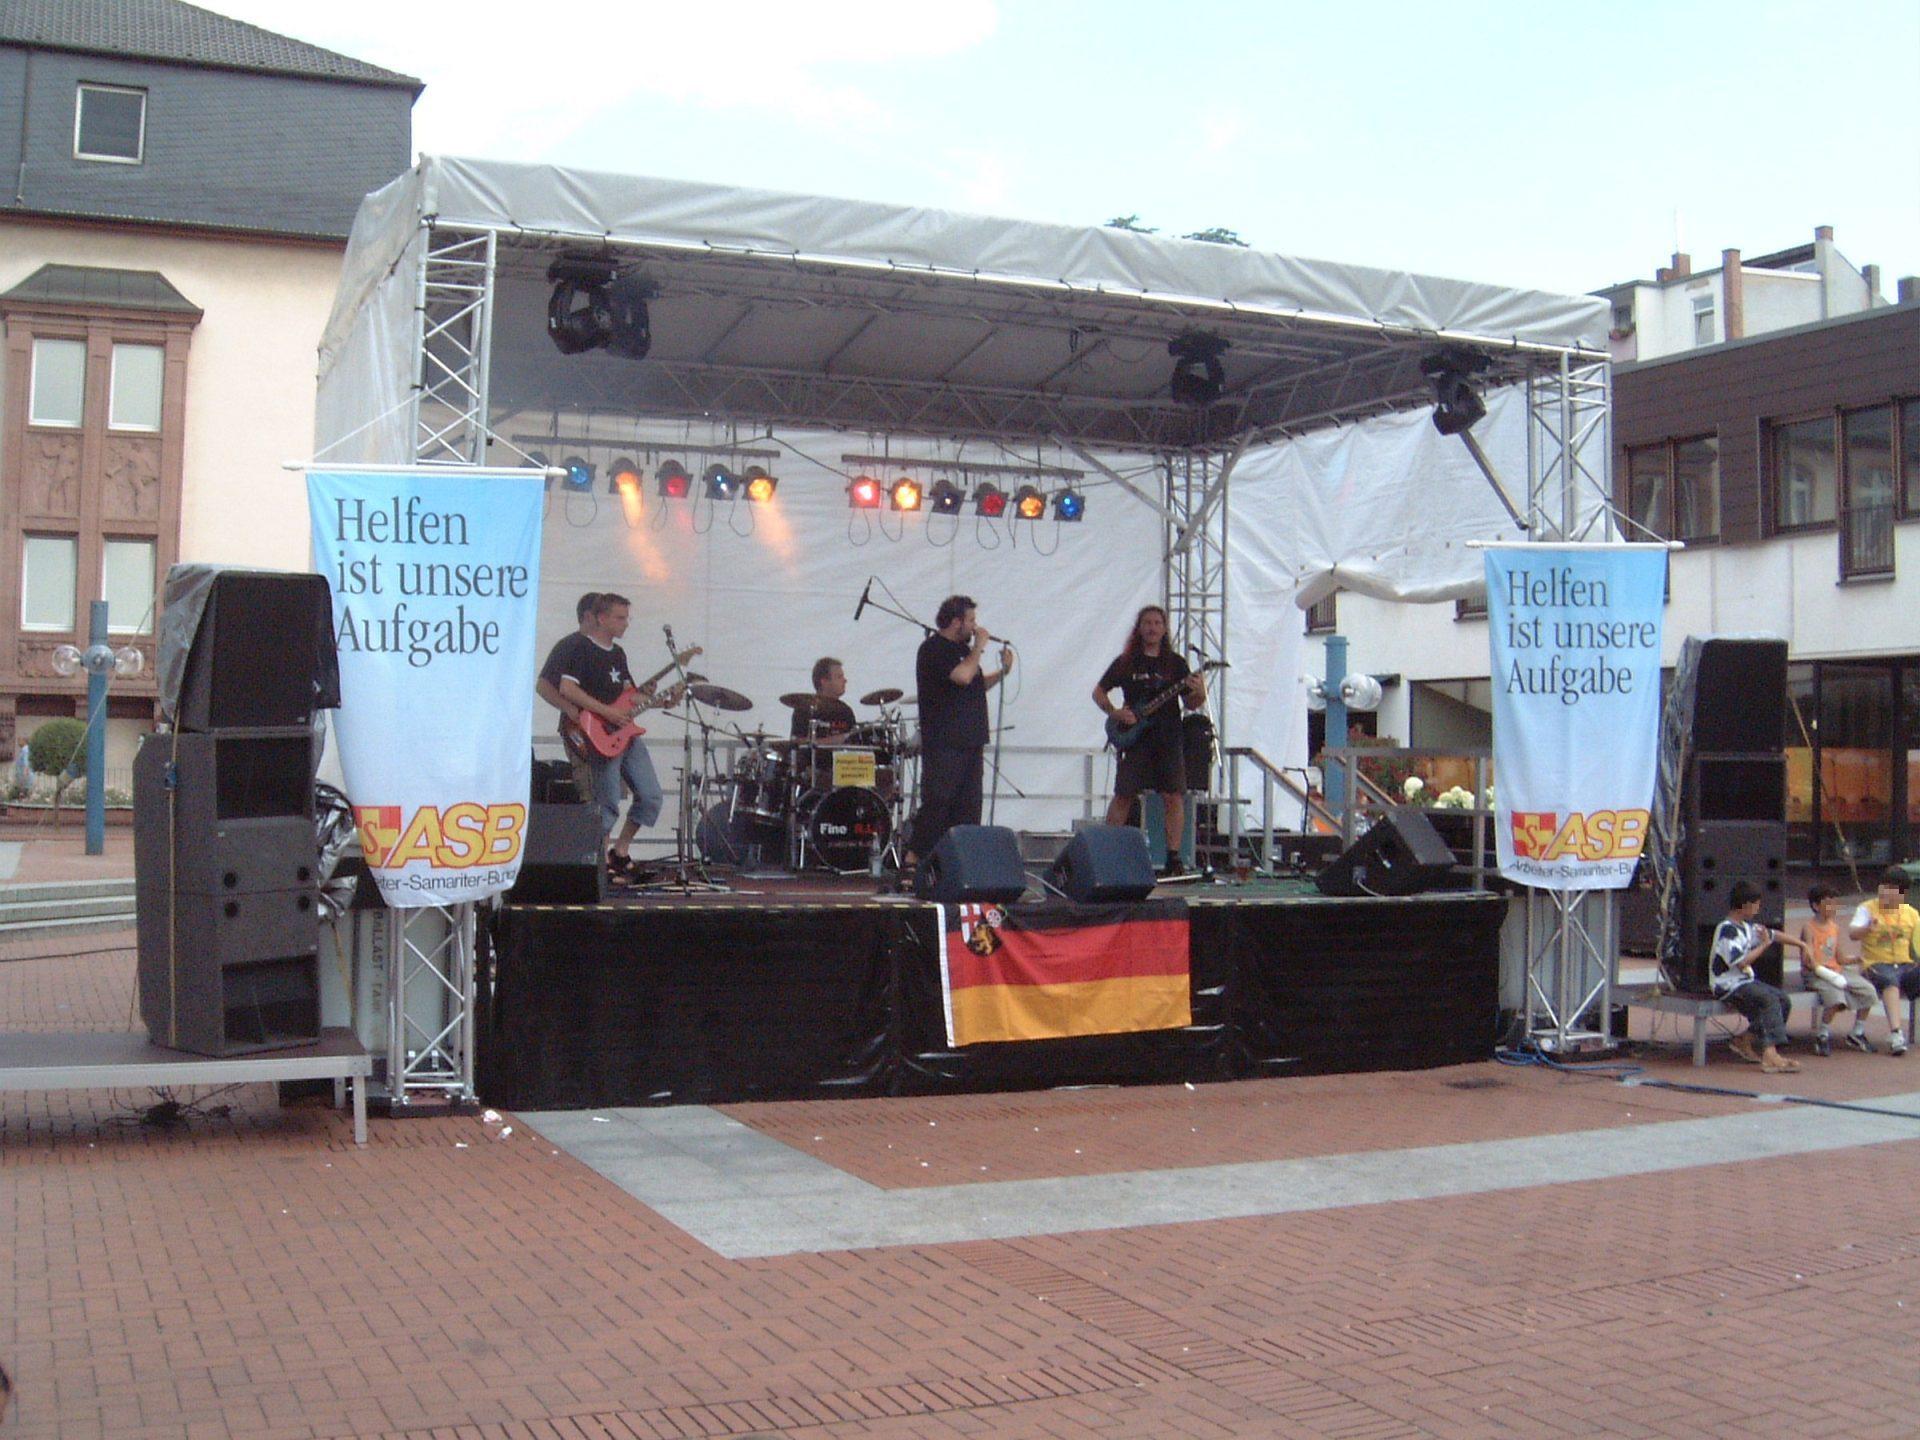 Bühne 7m x 5 m Stadfest